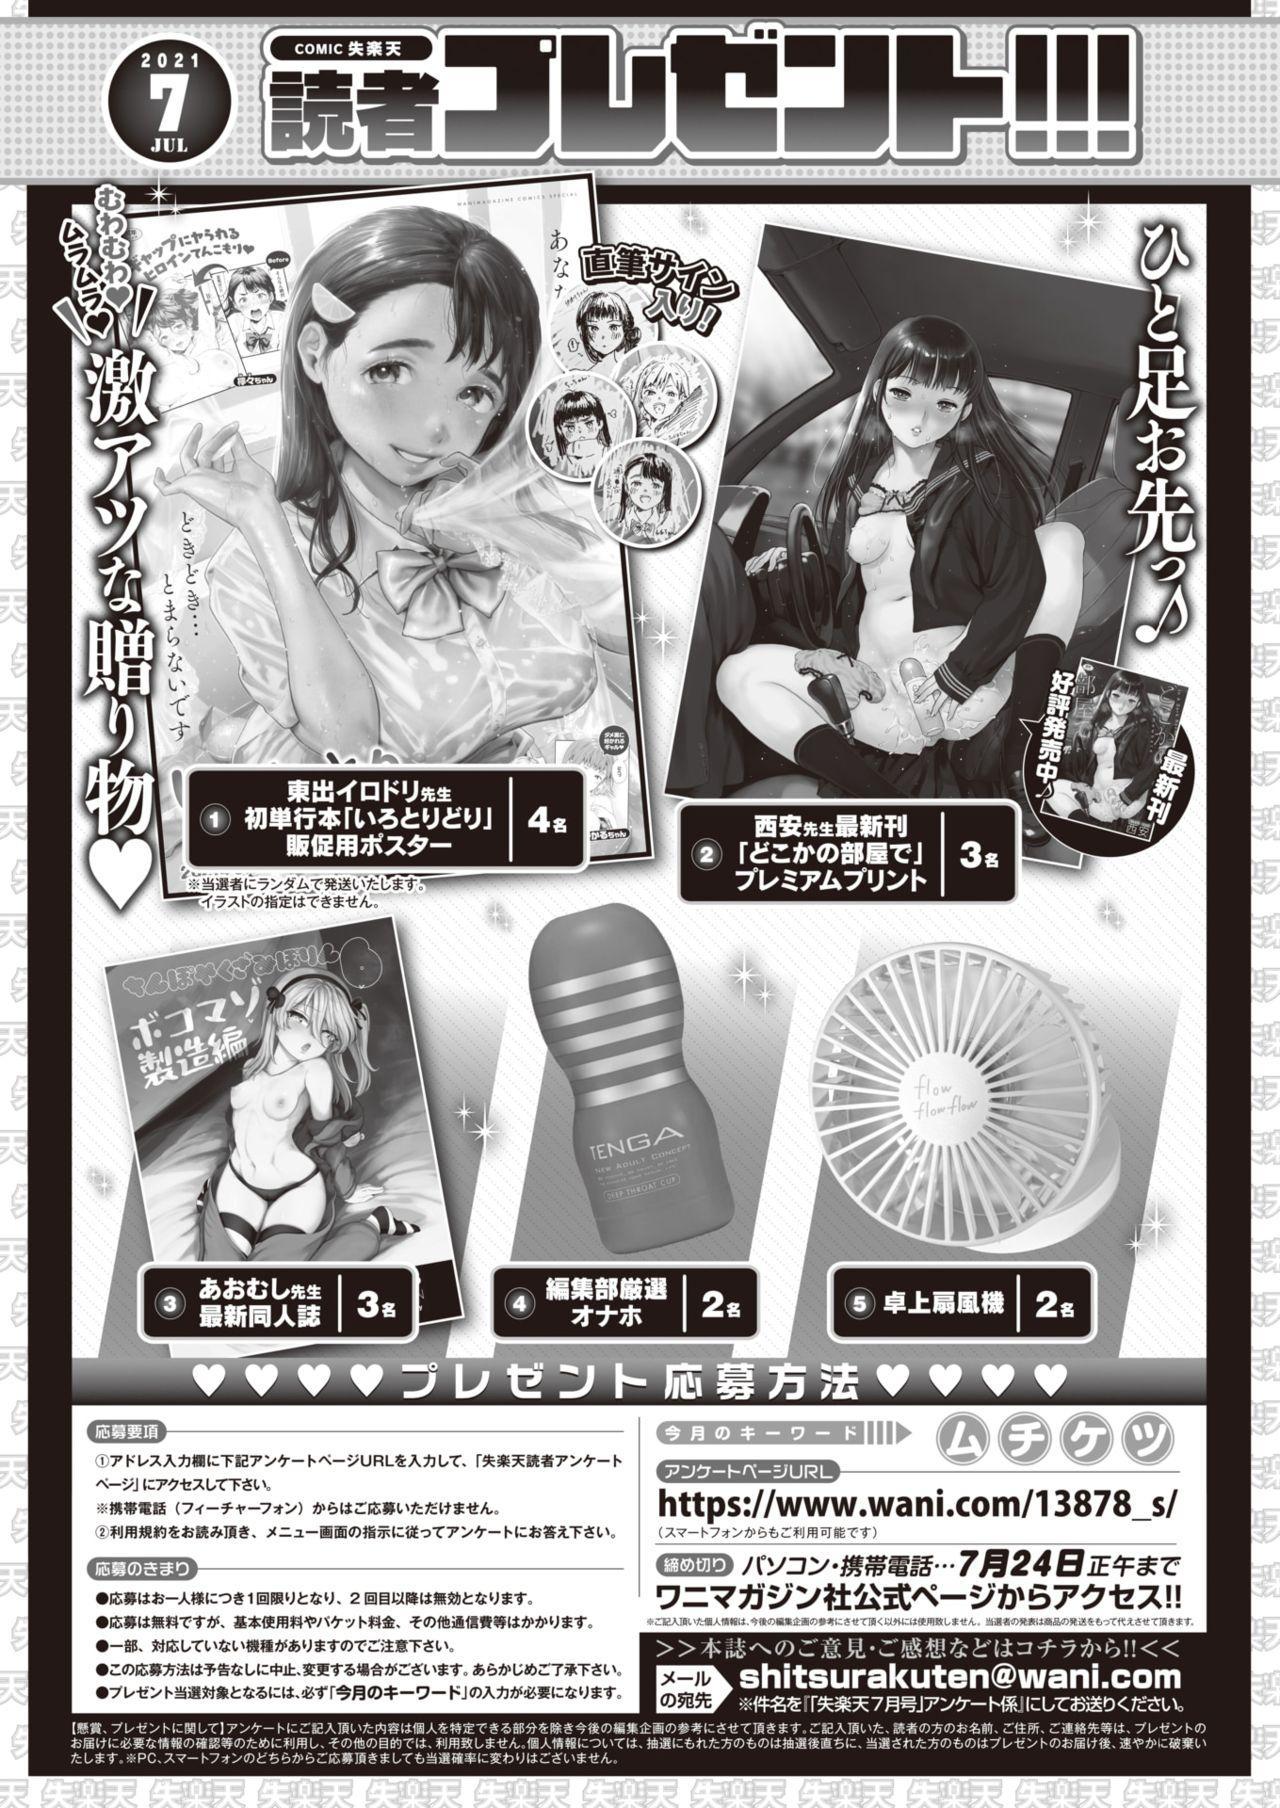 COMIC Shitsurakuten 2021-07 170